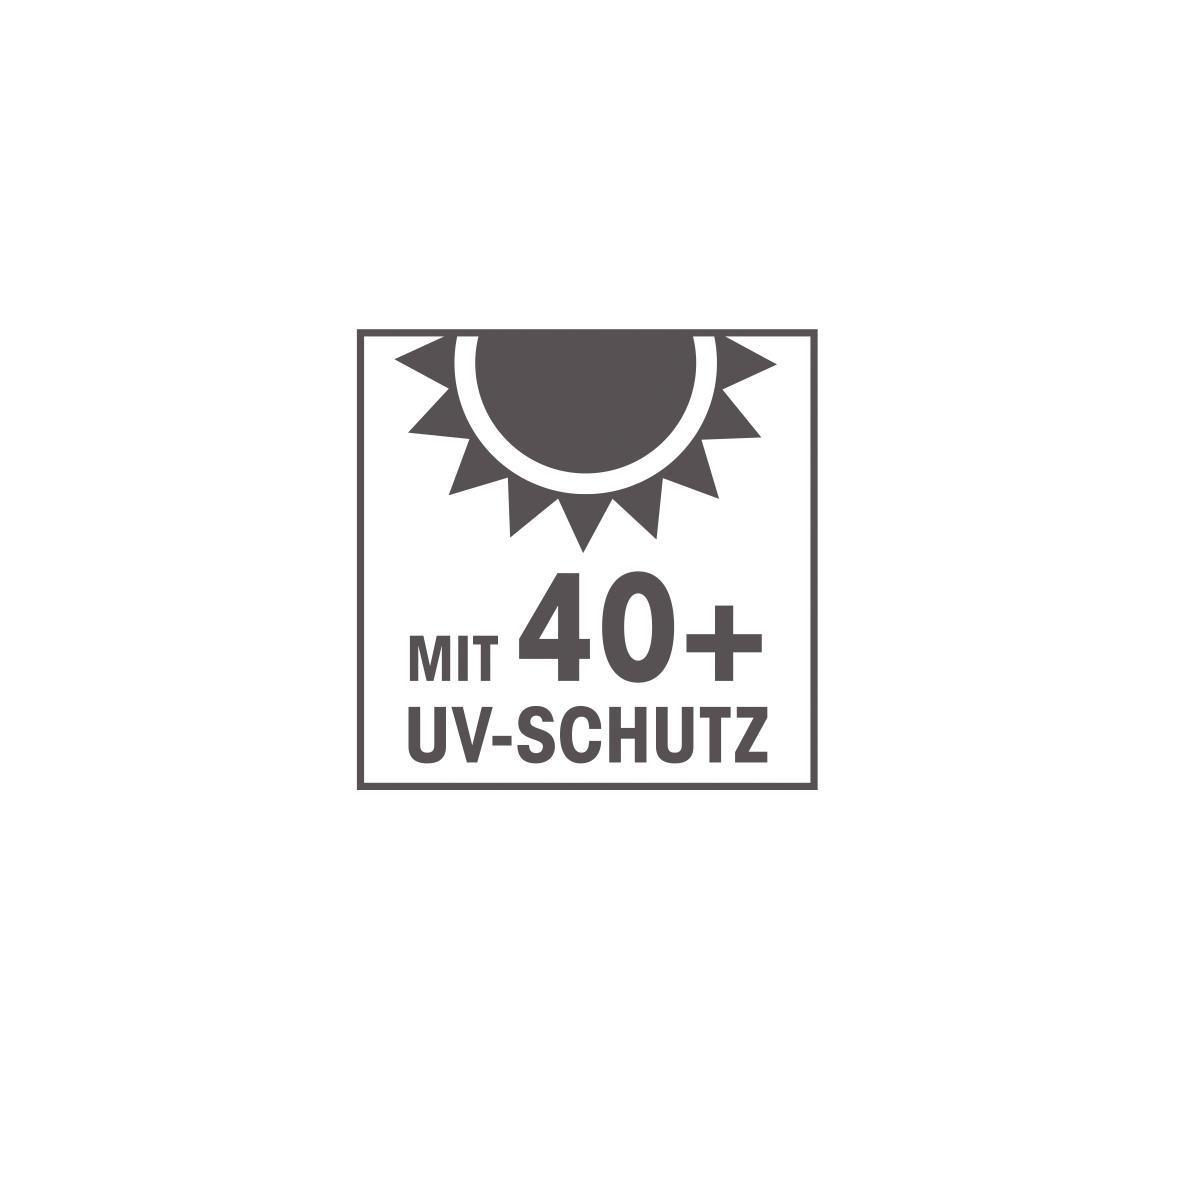 Bild 5 von EASYmaxx Sonnenschirm halbrund 270x140cm beige UV-Schutz